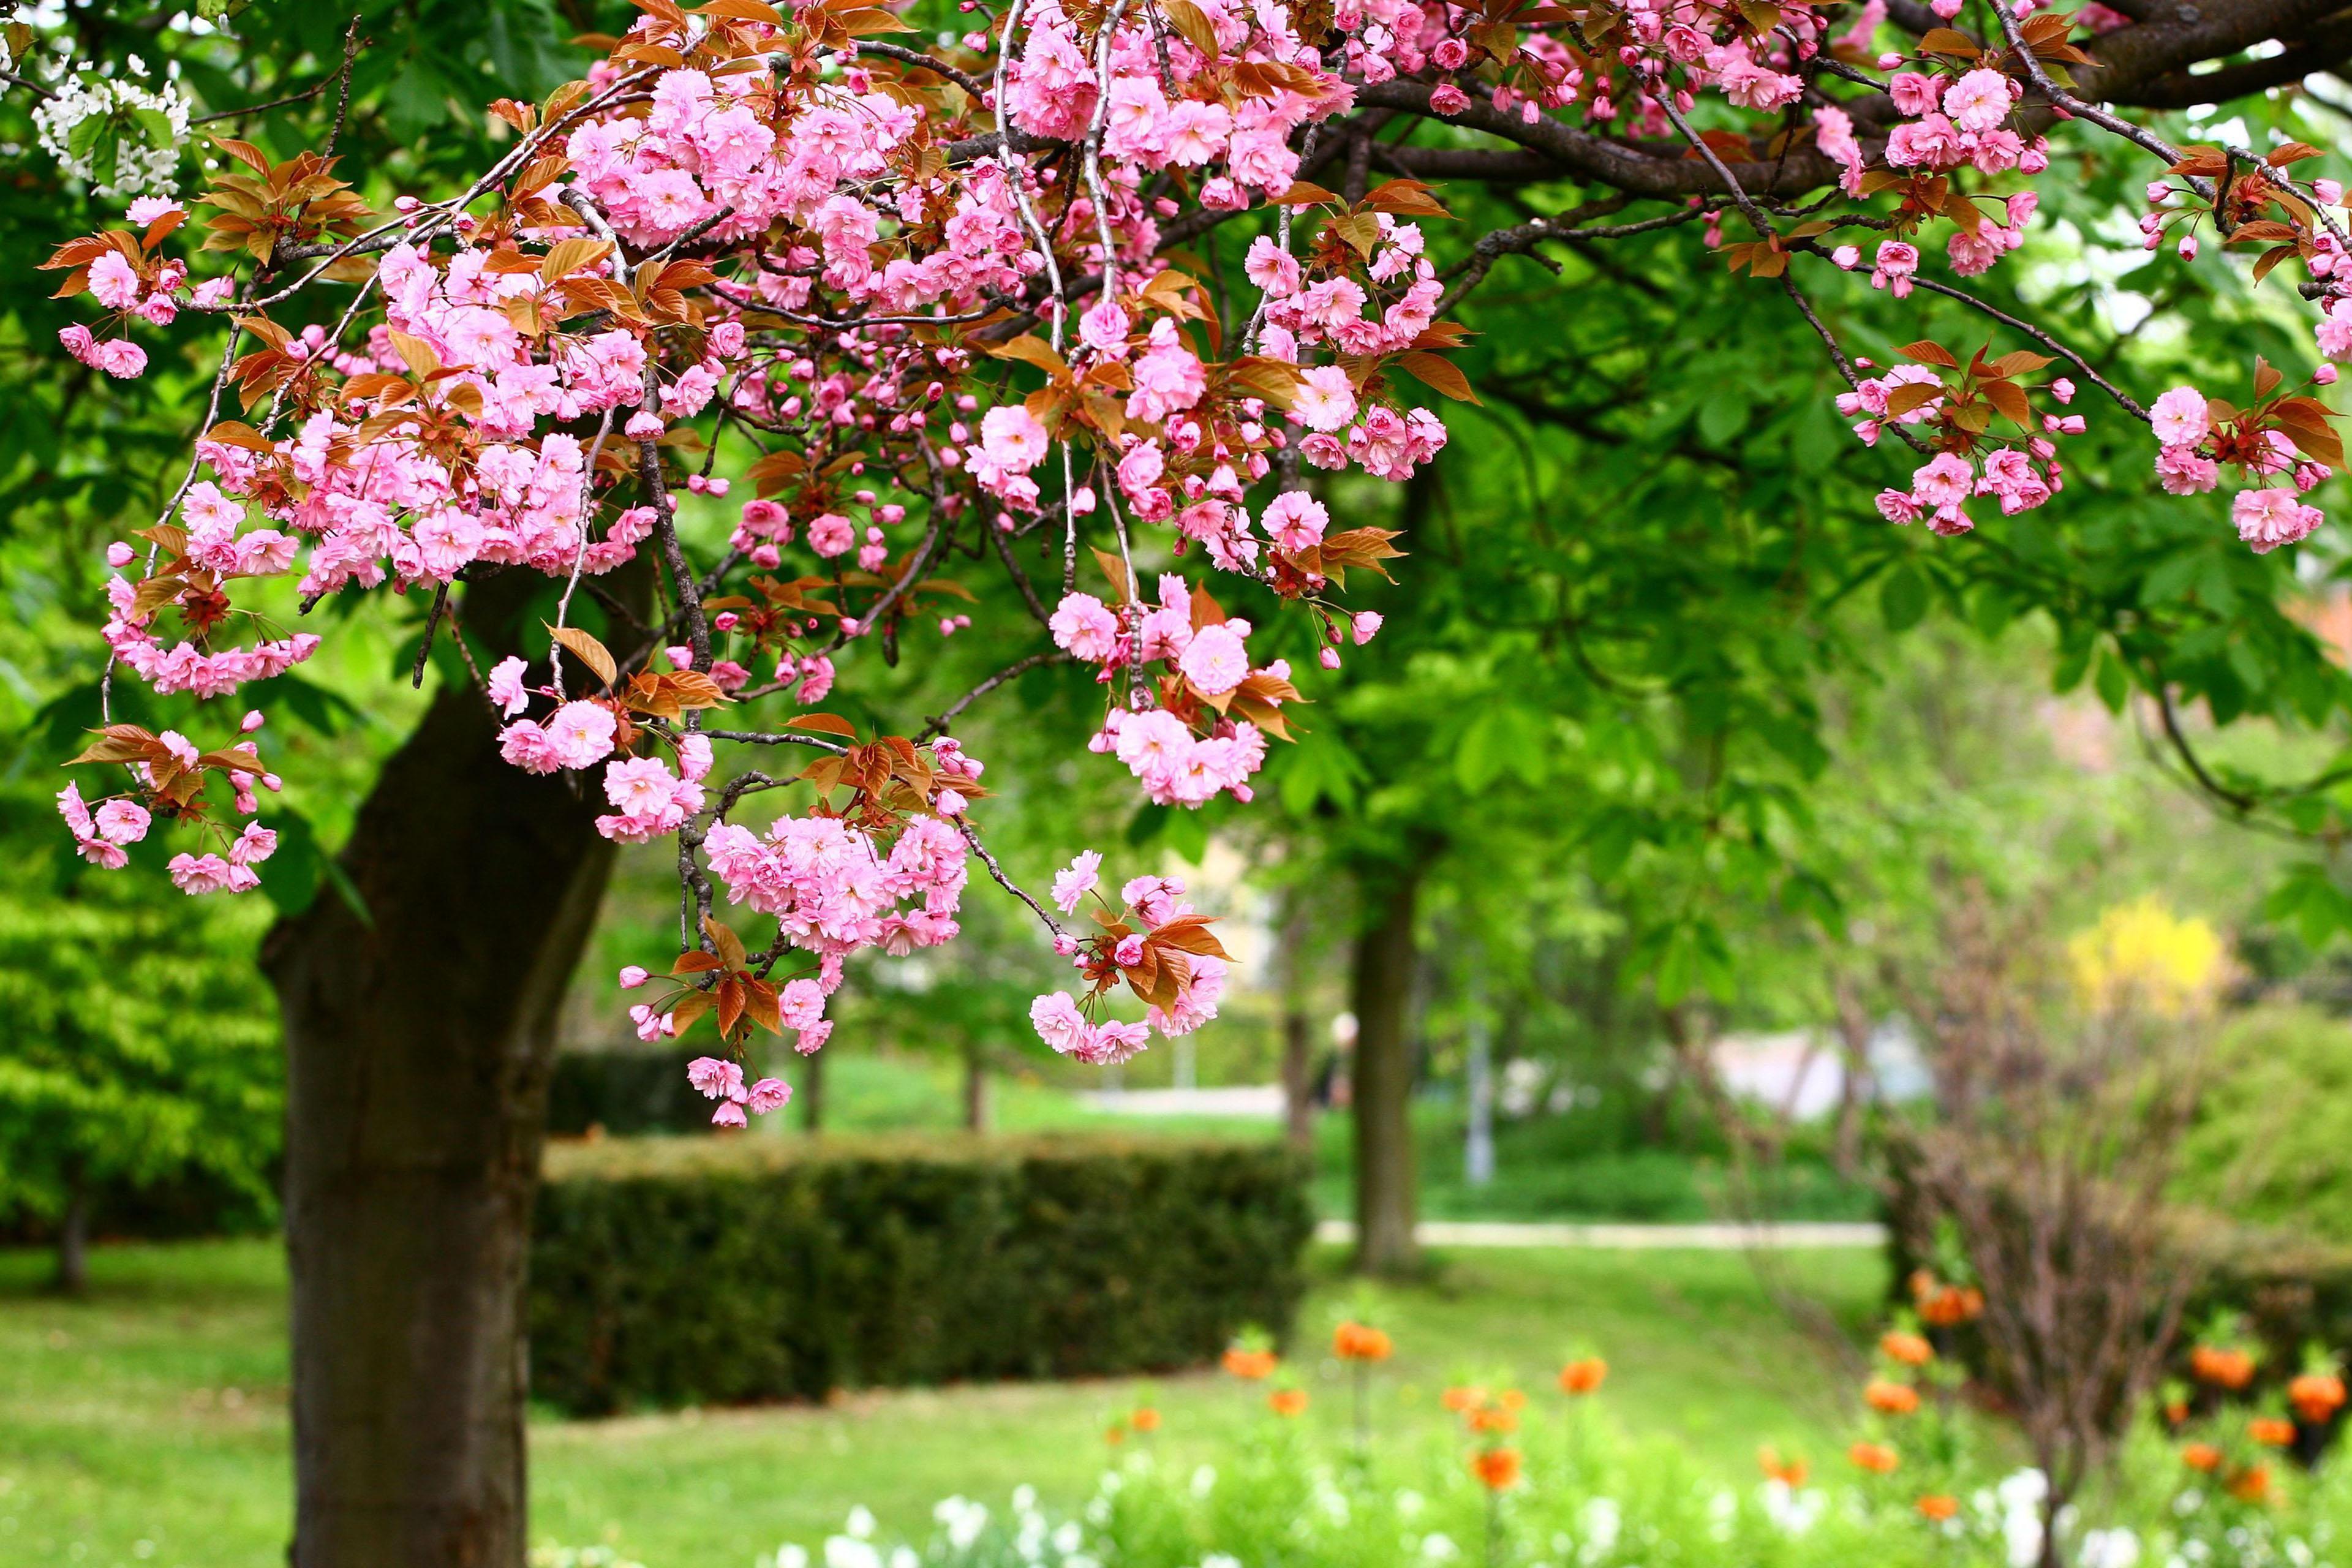 Flower garden background sf wallpaper flower garden background images clipartfest mightylinksfo